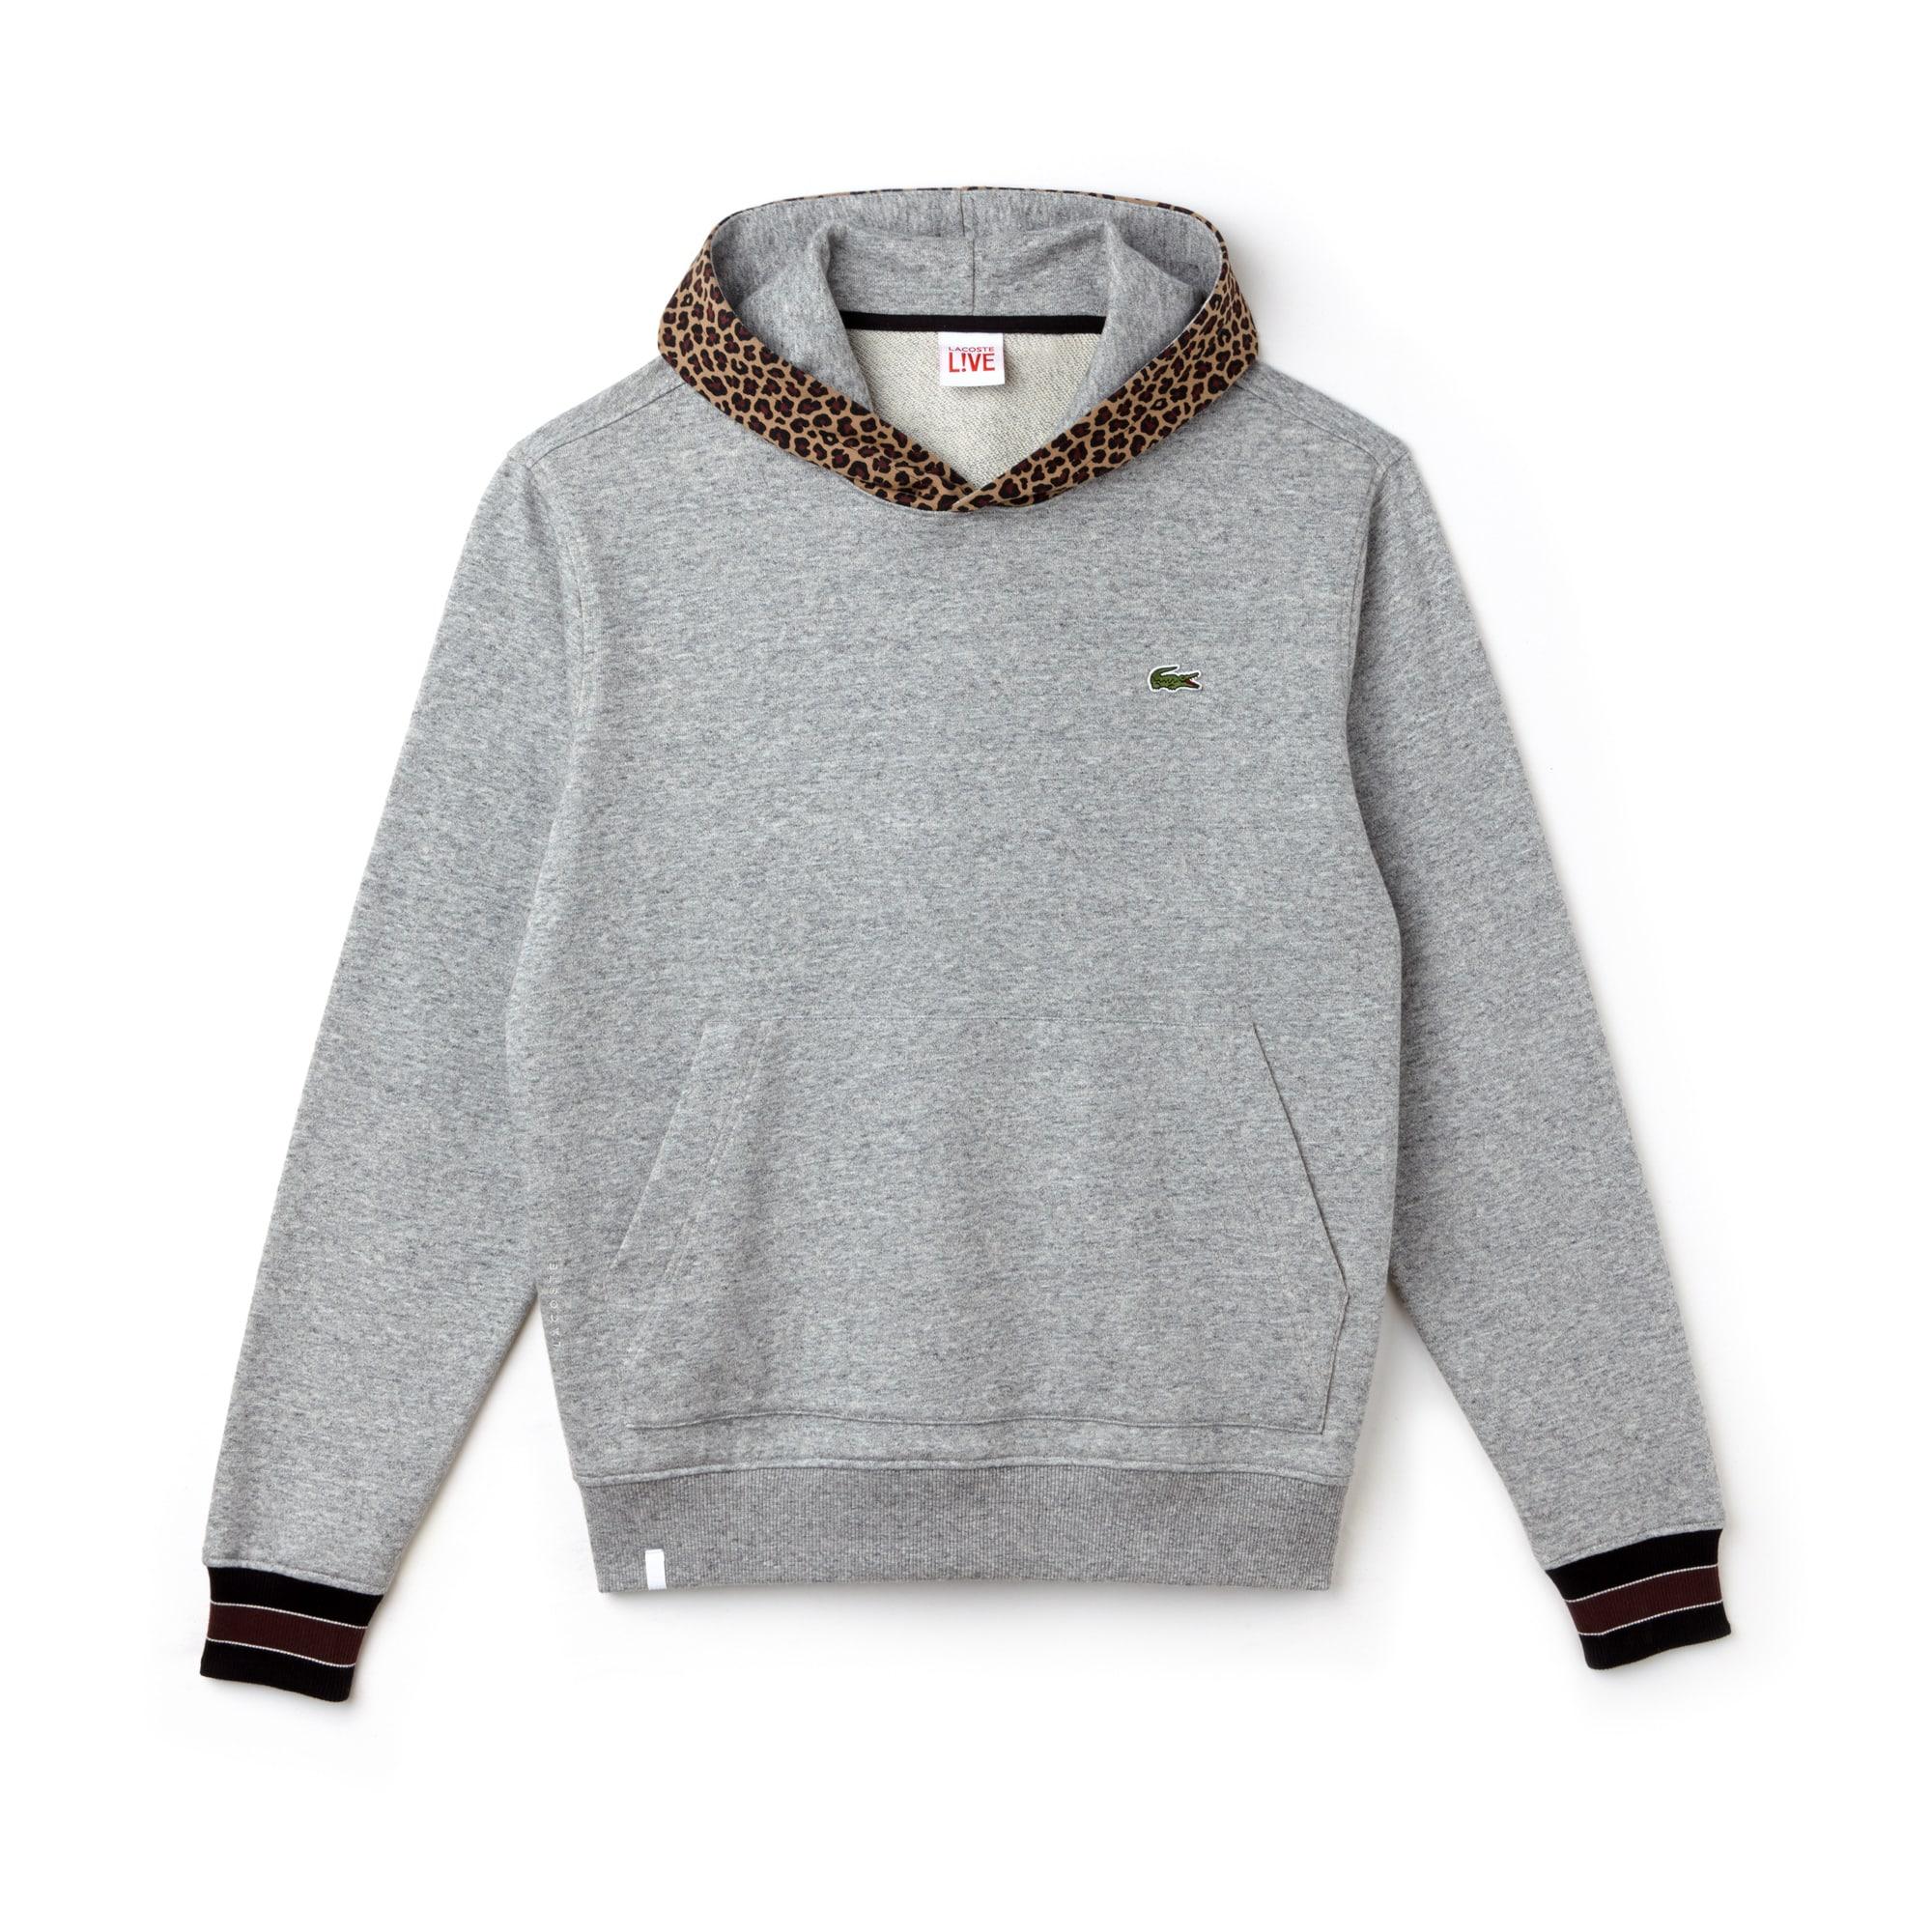 Sweatshirt à capuche léopard Lacoste LIVE en molleton uni